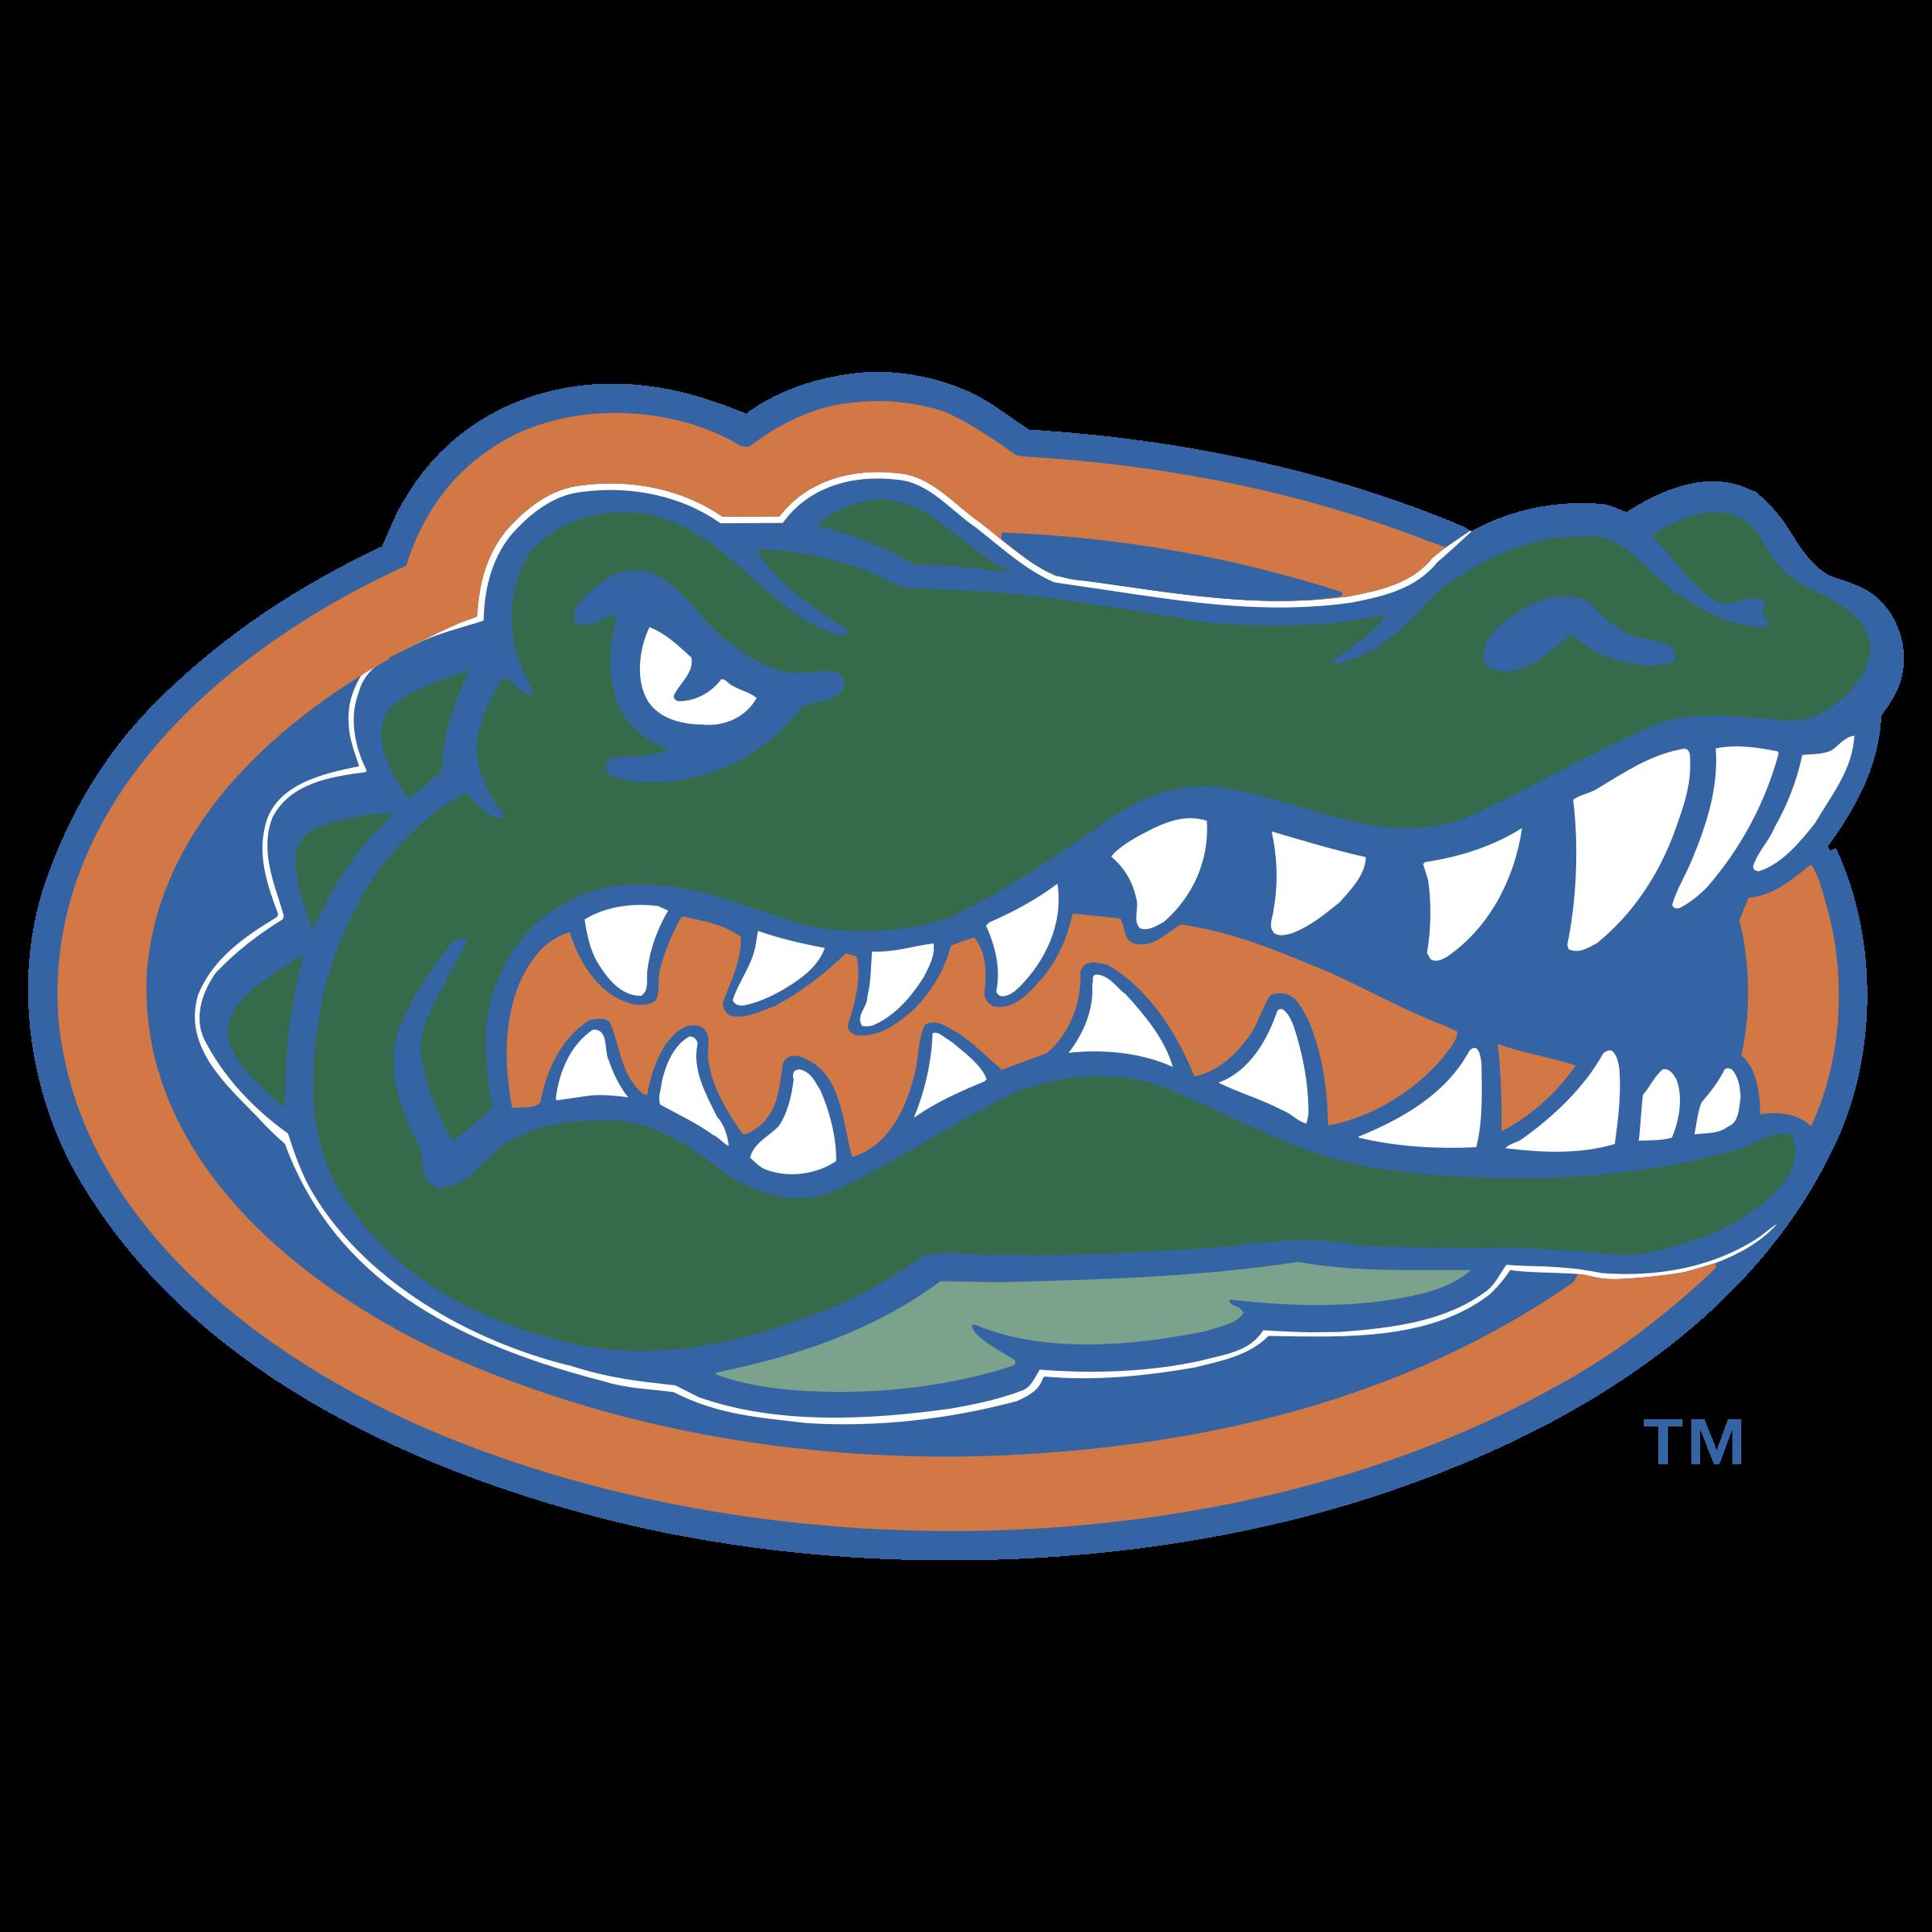 Florida clipart vector. Gators logo png transparent